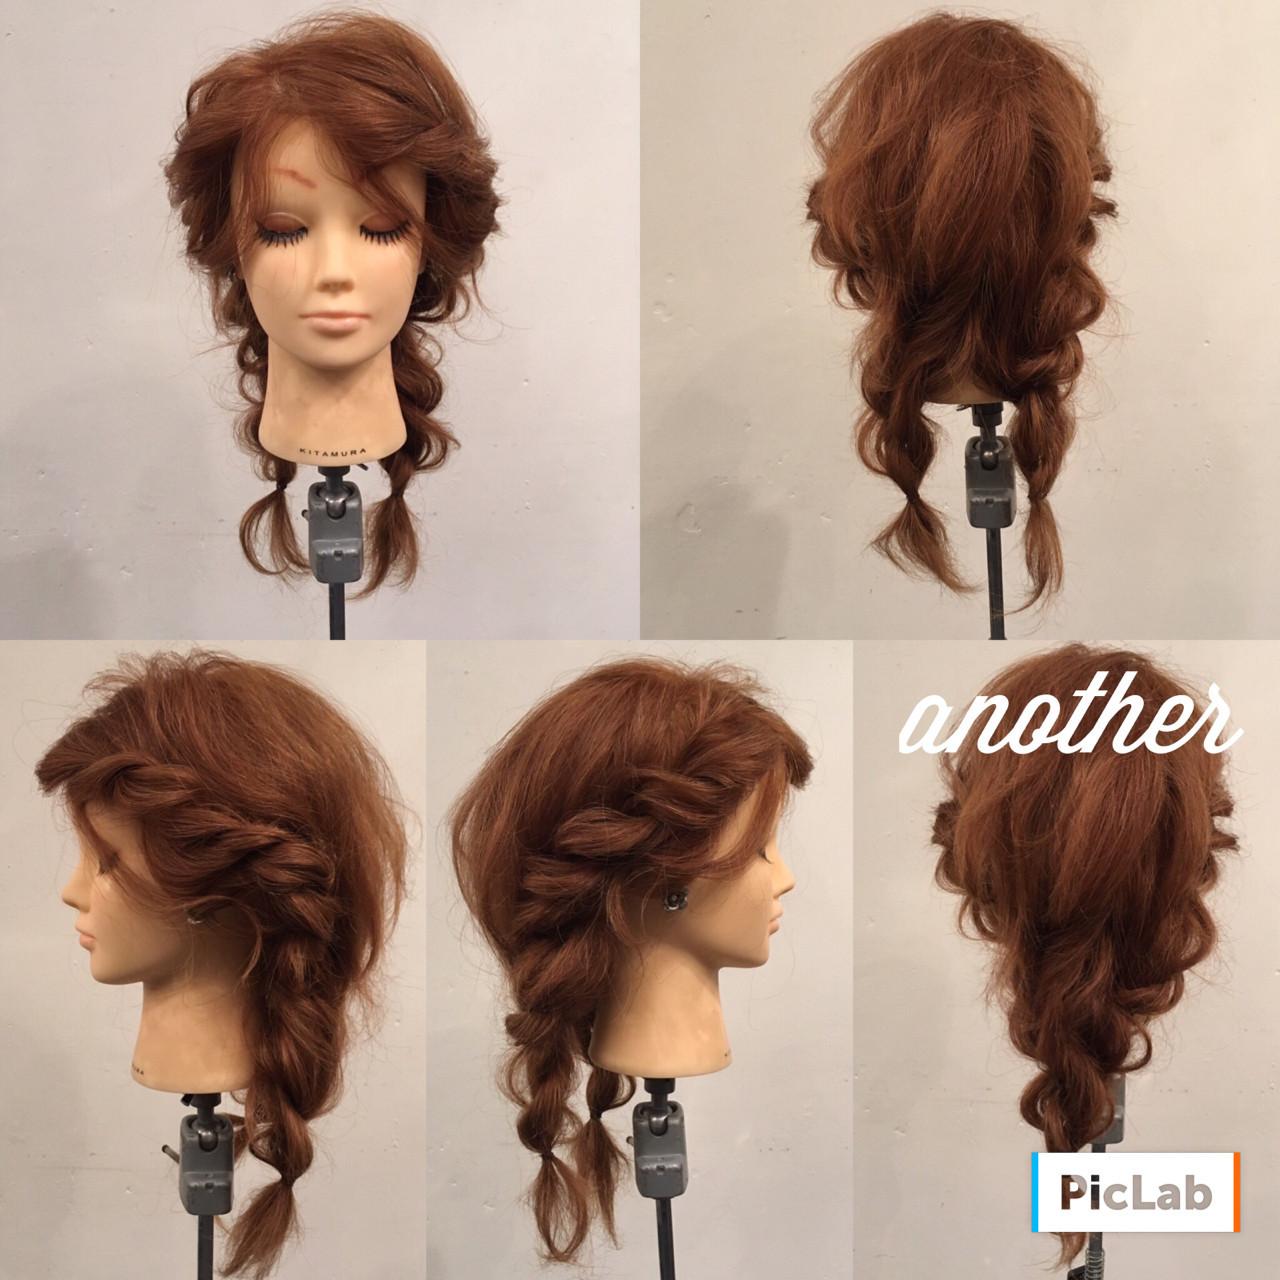 波ウェーブ セミロング ツインテール 編み込み ヘアスタイルや髪型の写真・画像